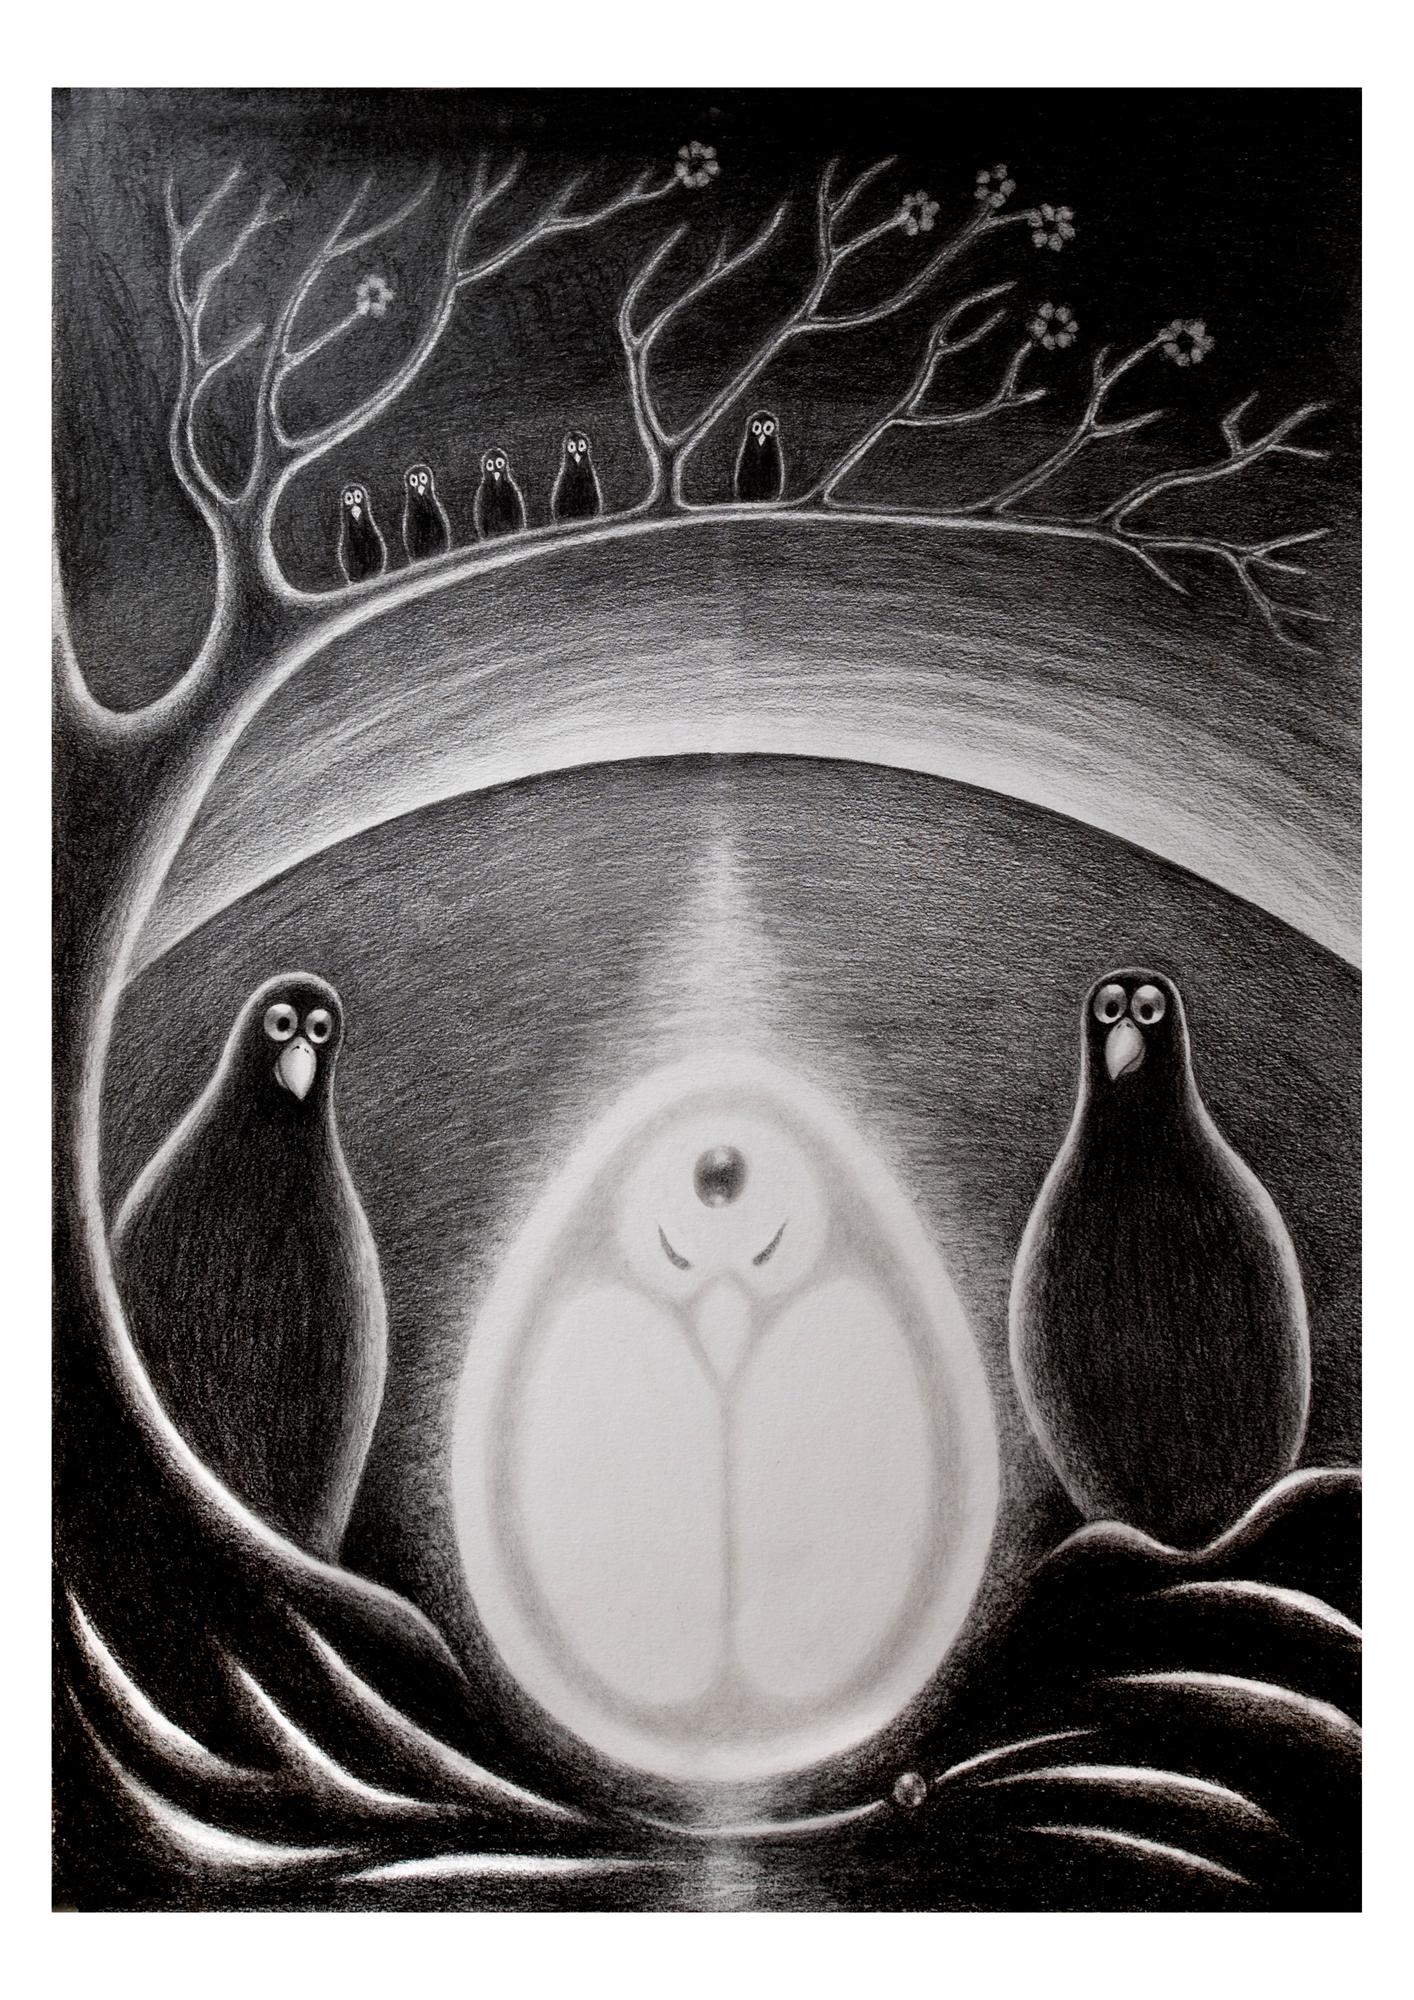 Cosmic Egg 2